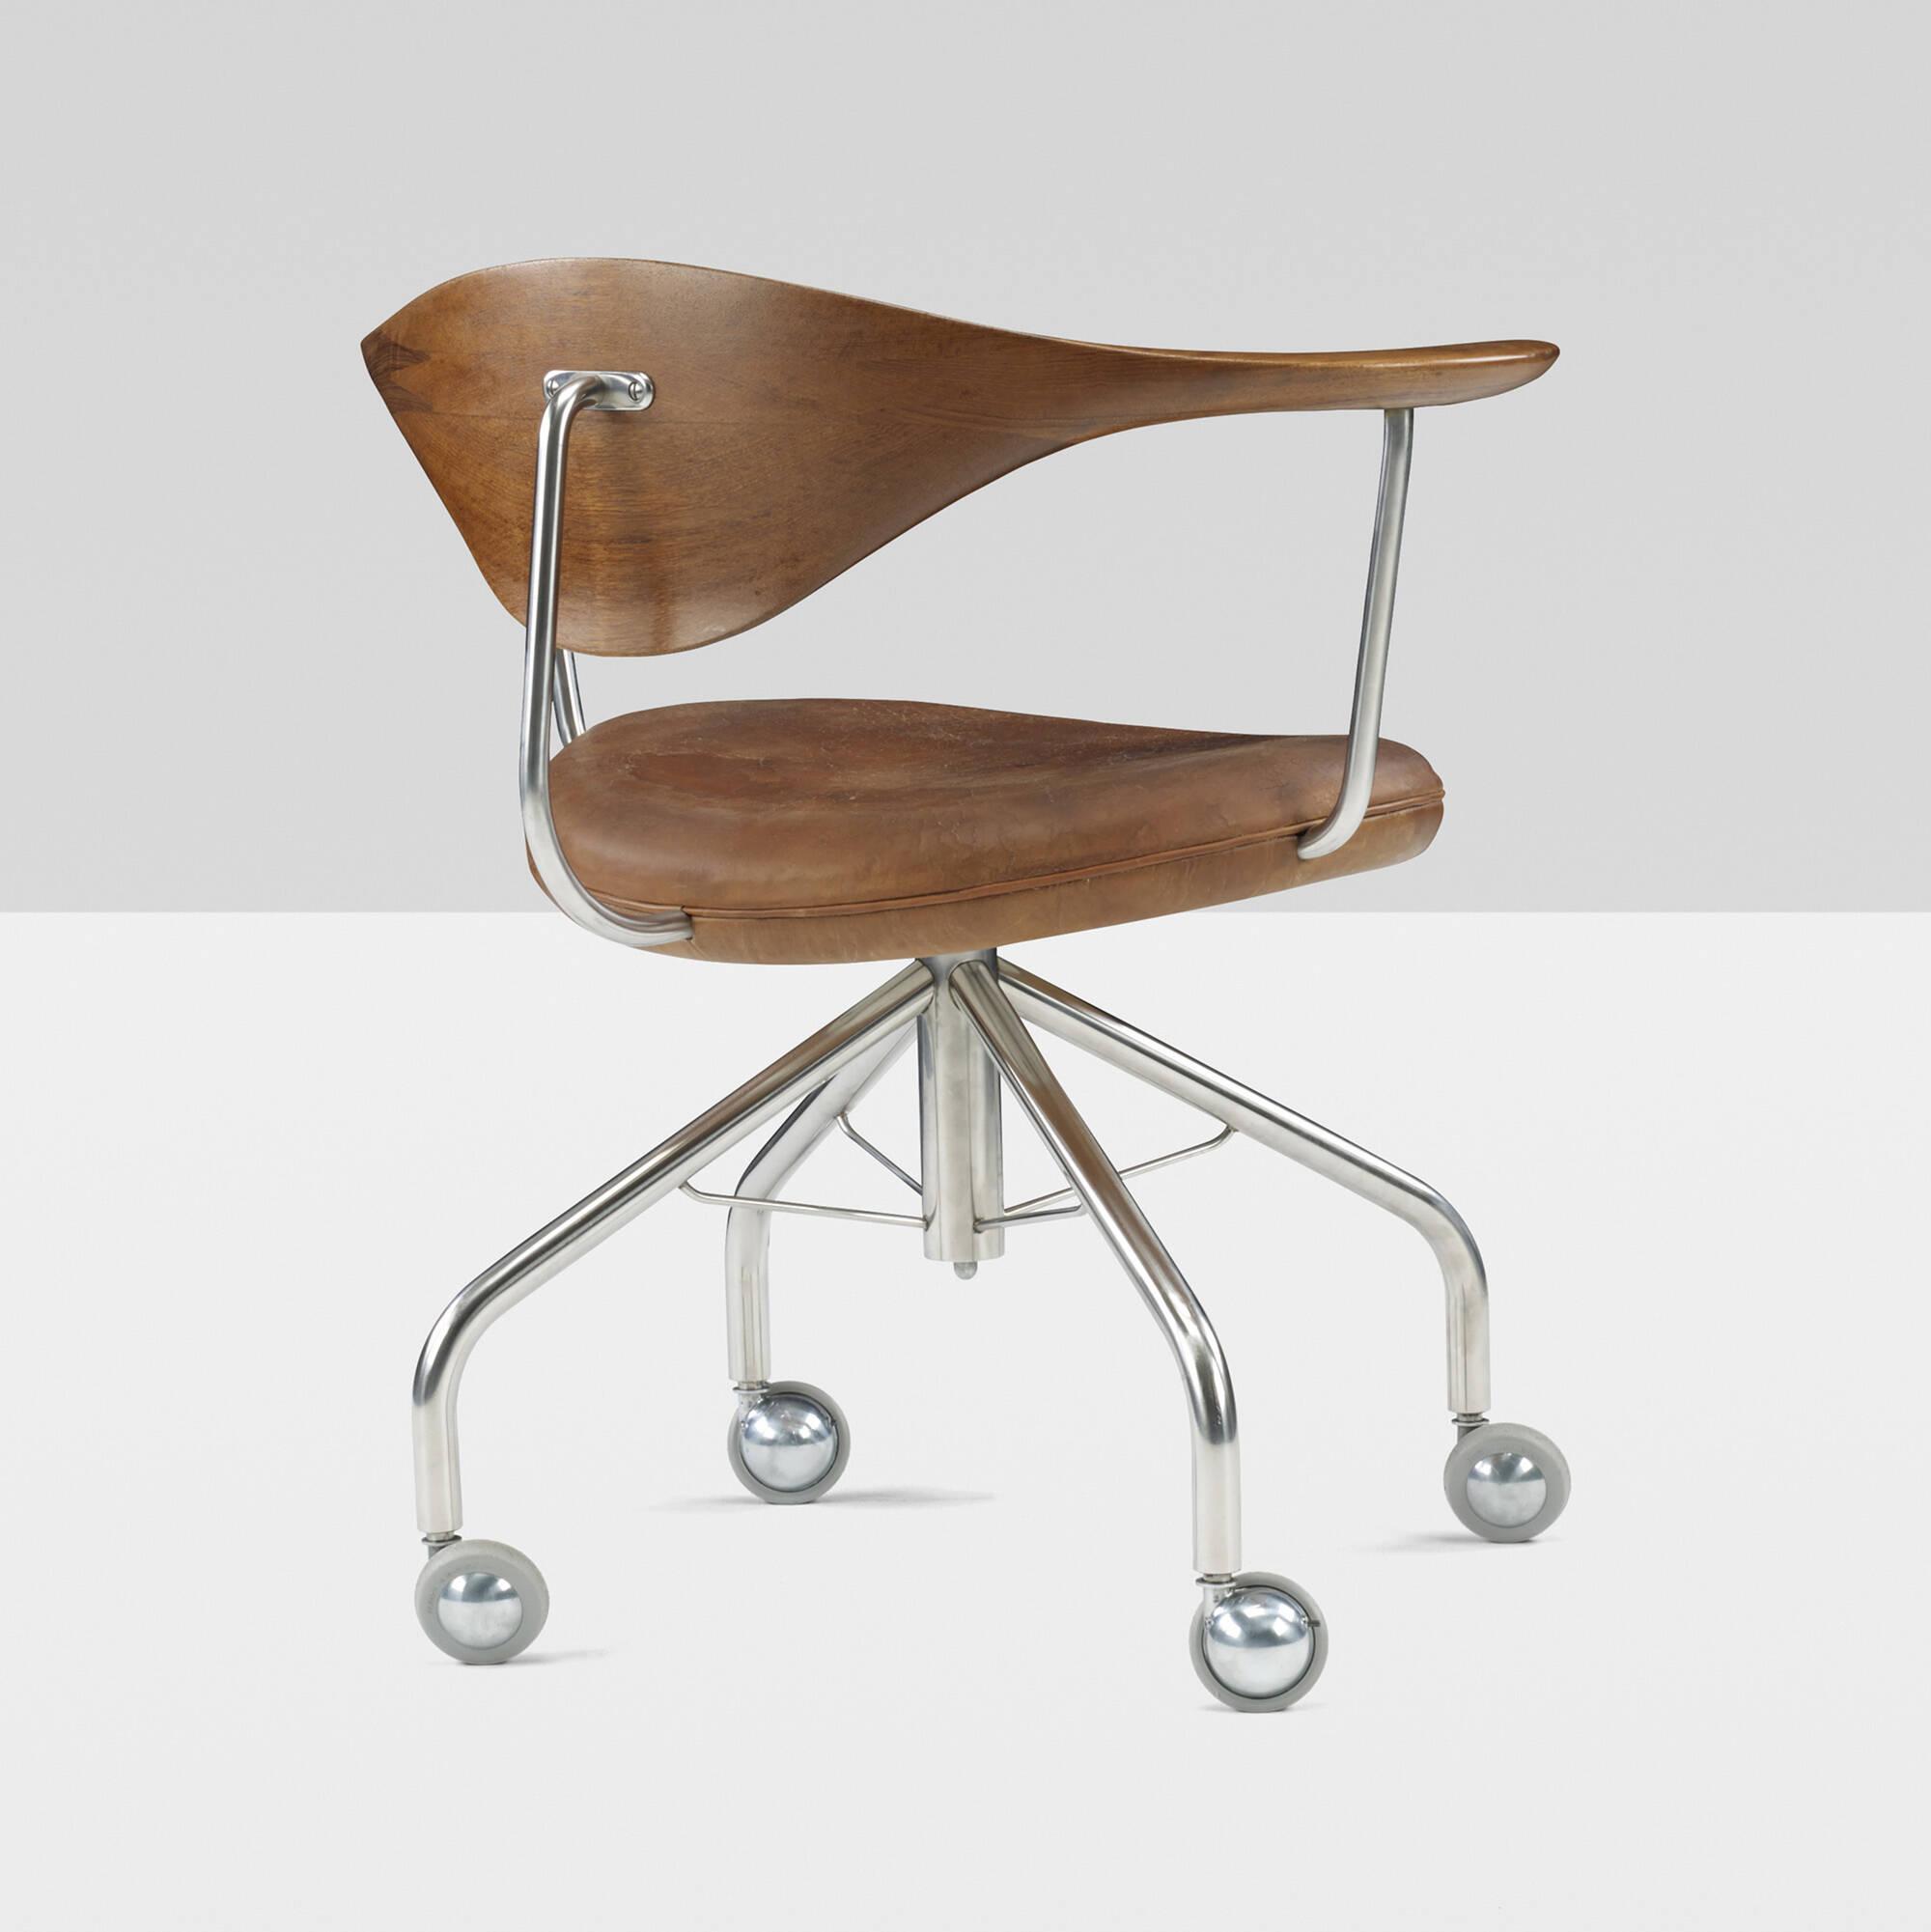 198: Hans J. Wegner / Swivel chair (3 of 9)